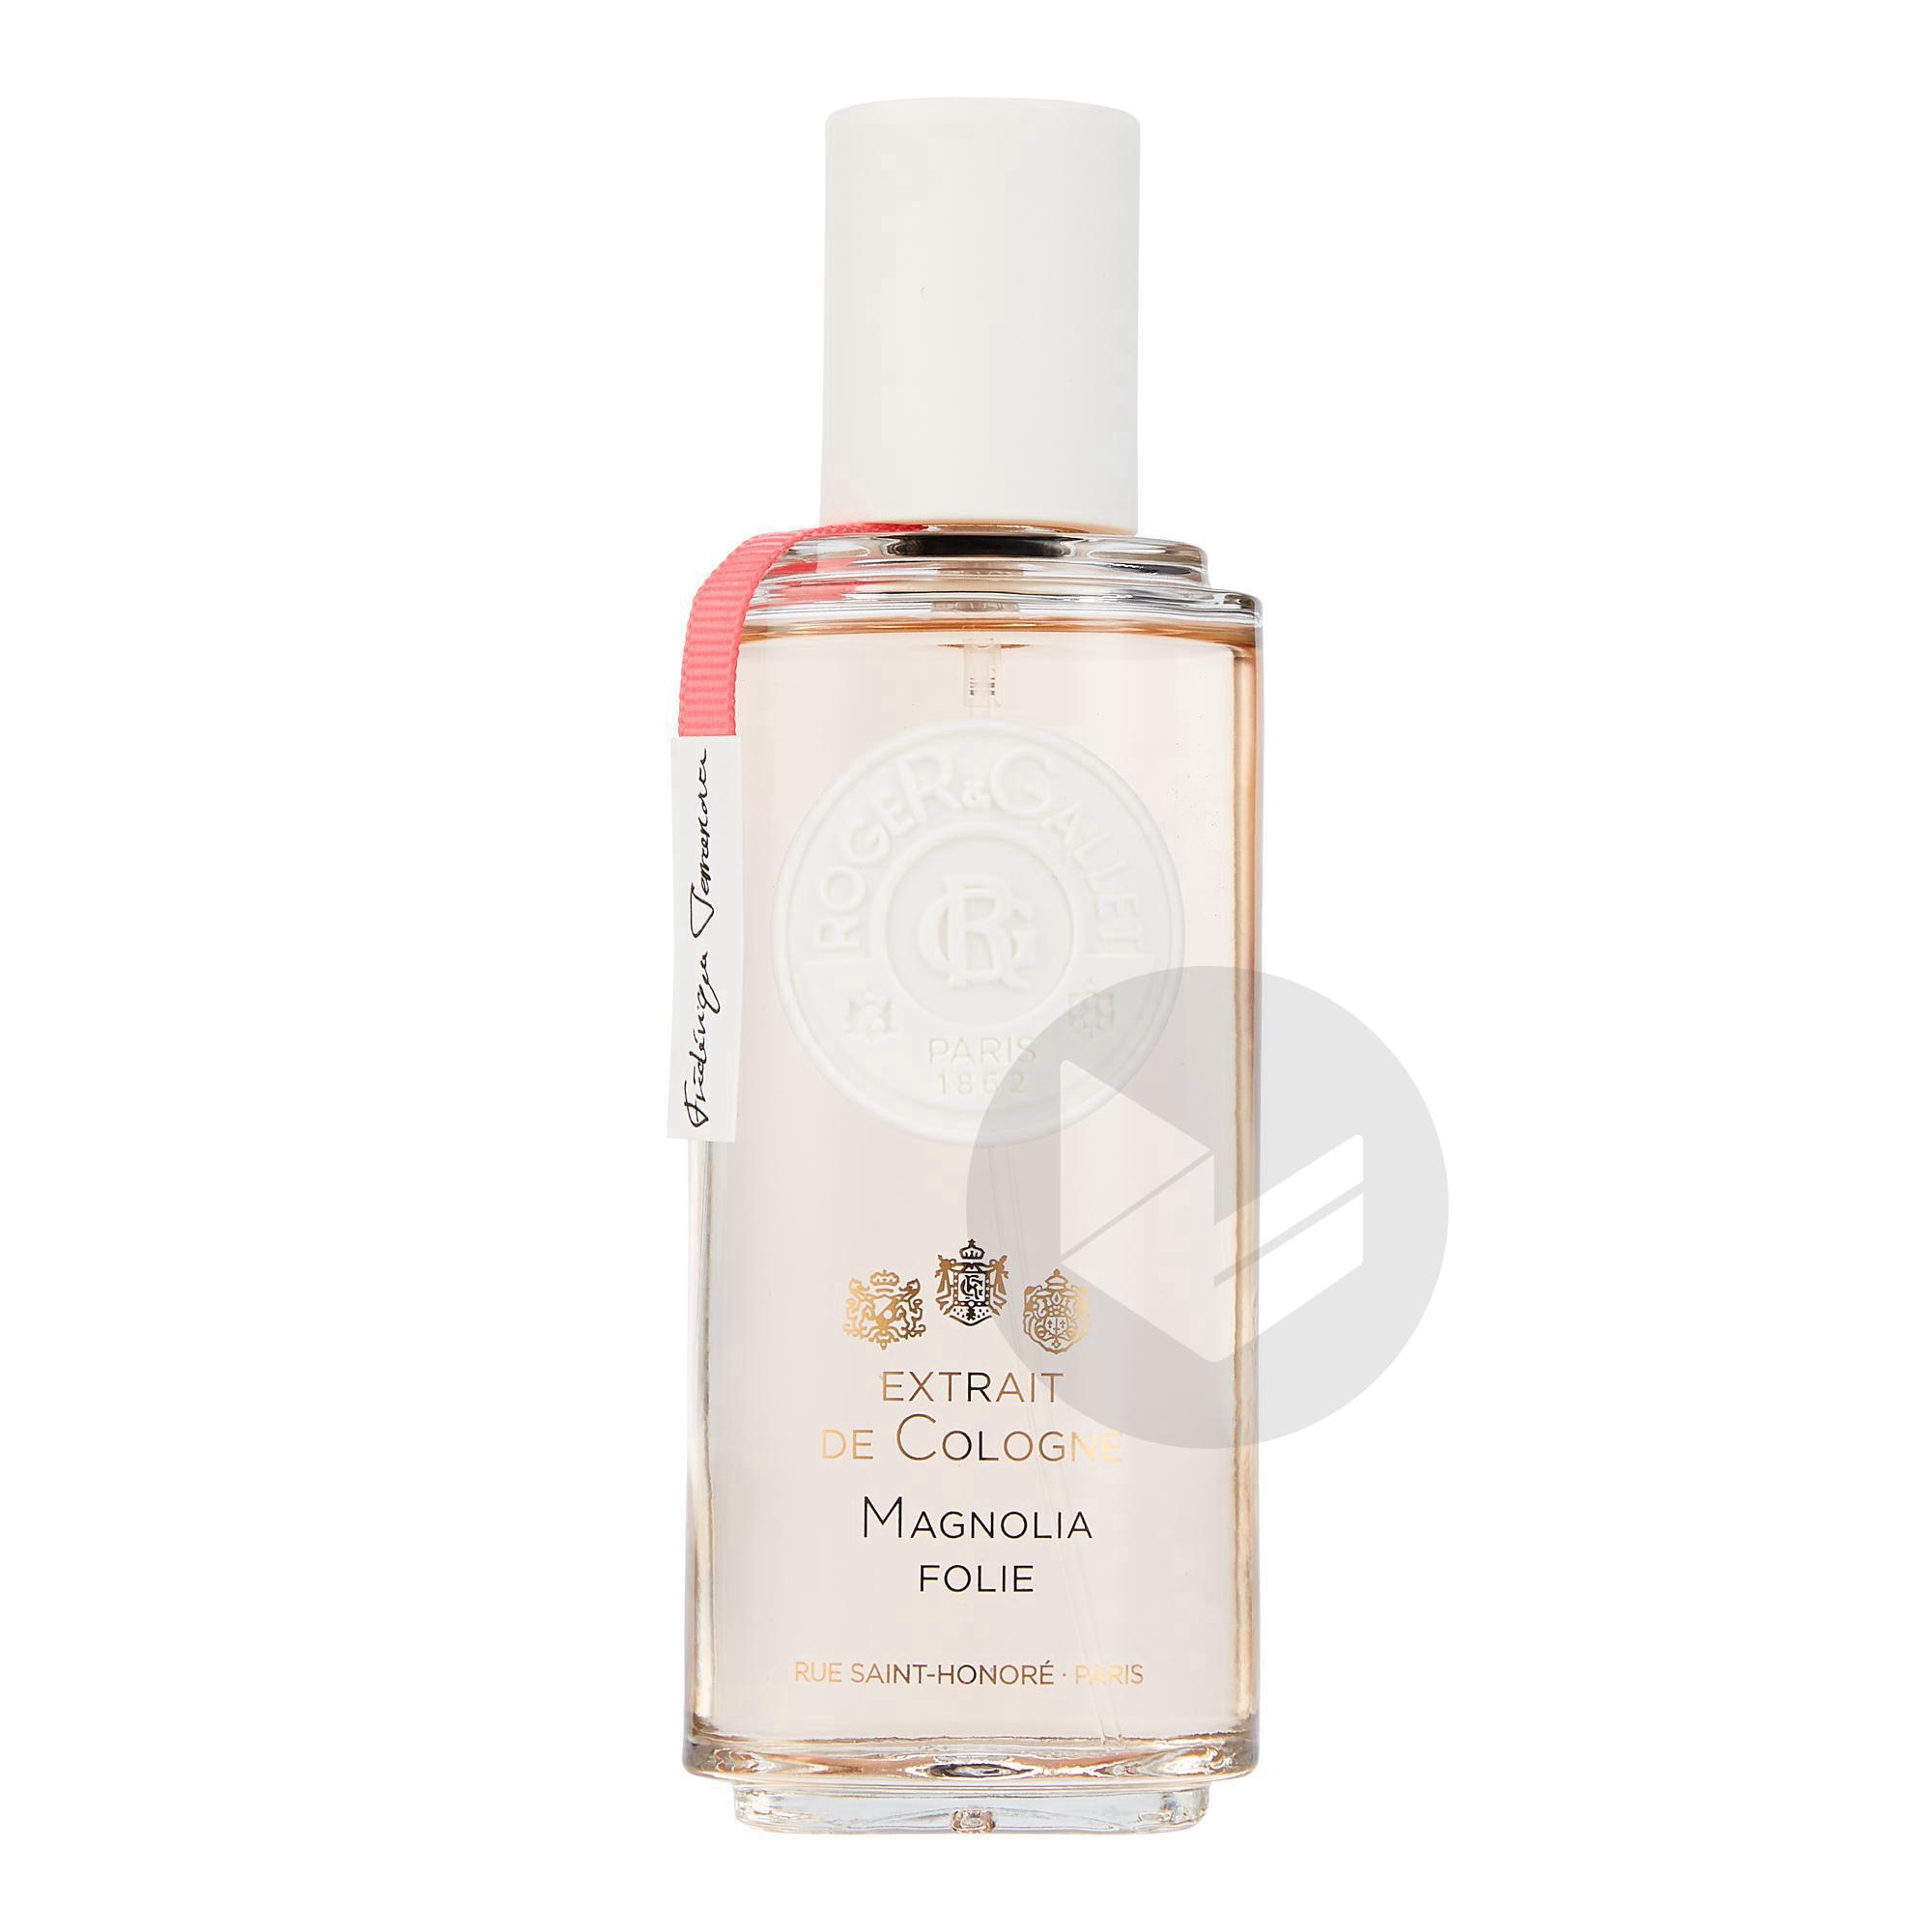 Magnolia Folie Extrait De Cologne Vaporisateur 100 Ml